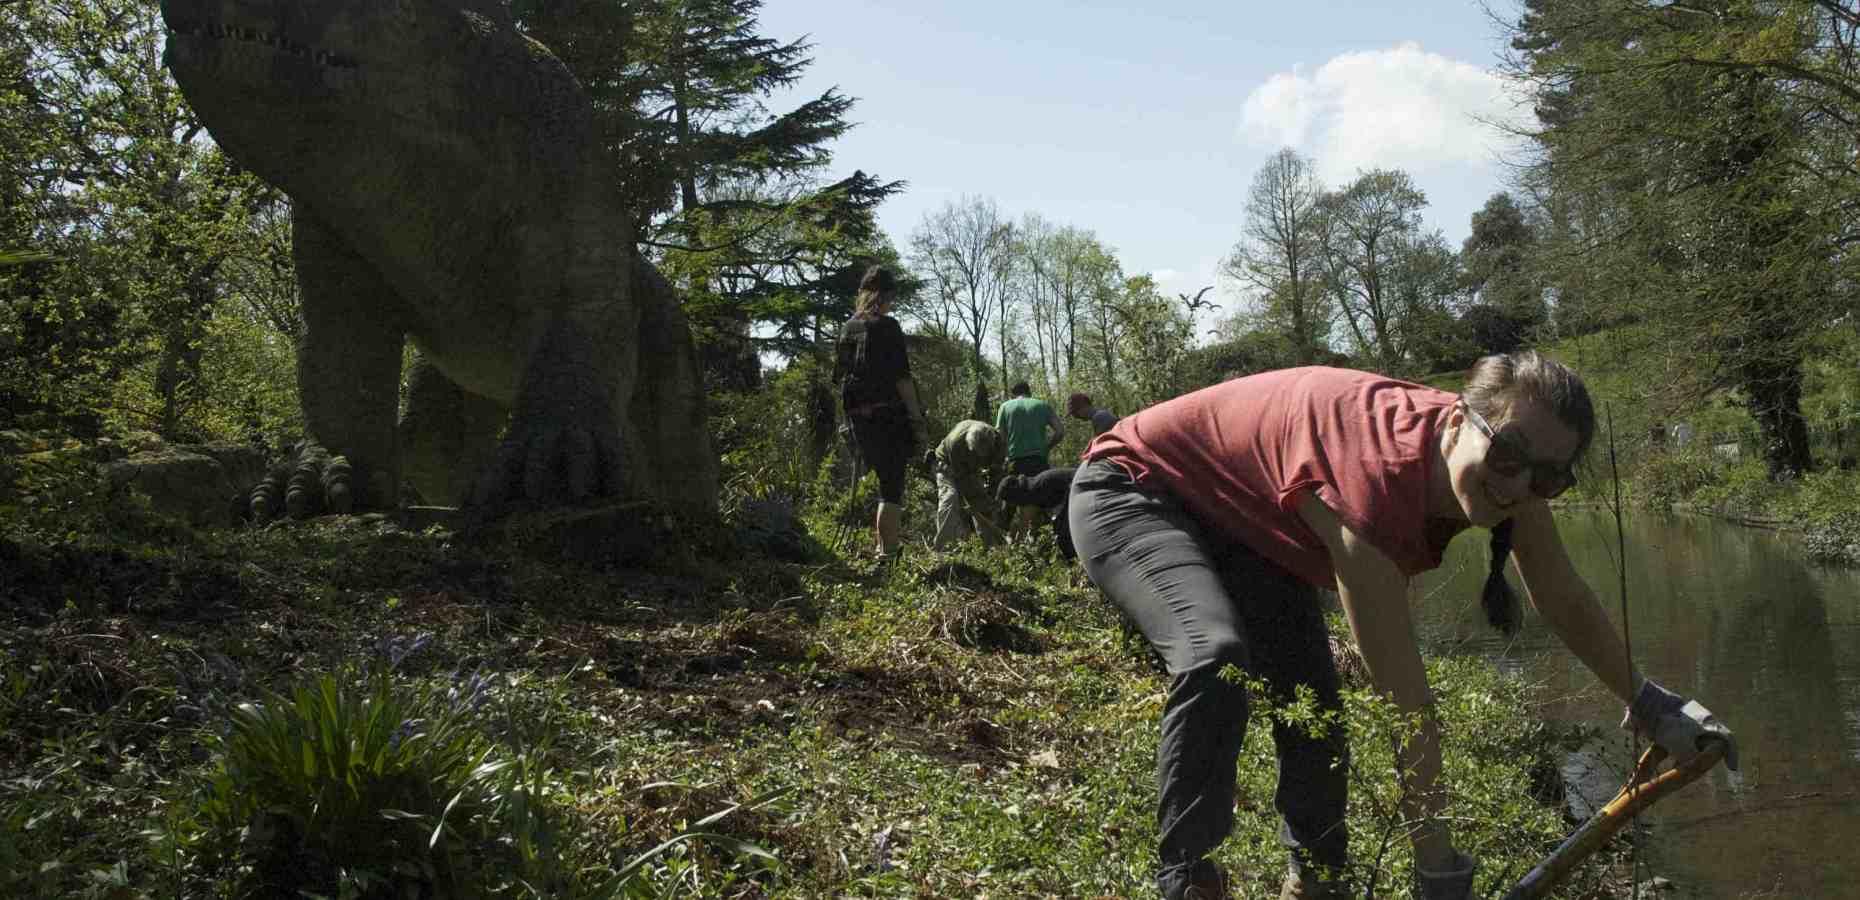 Paleo Planting volunteers